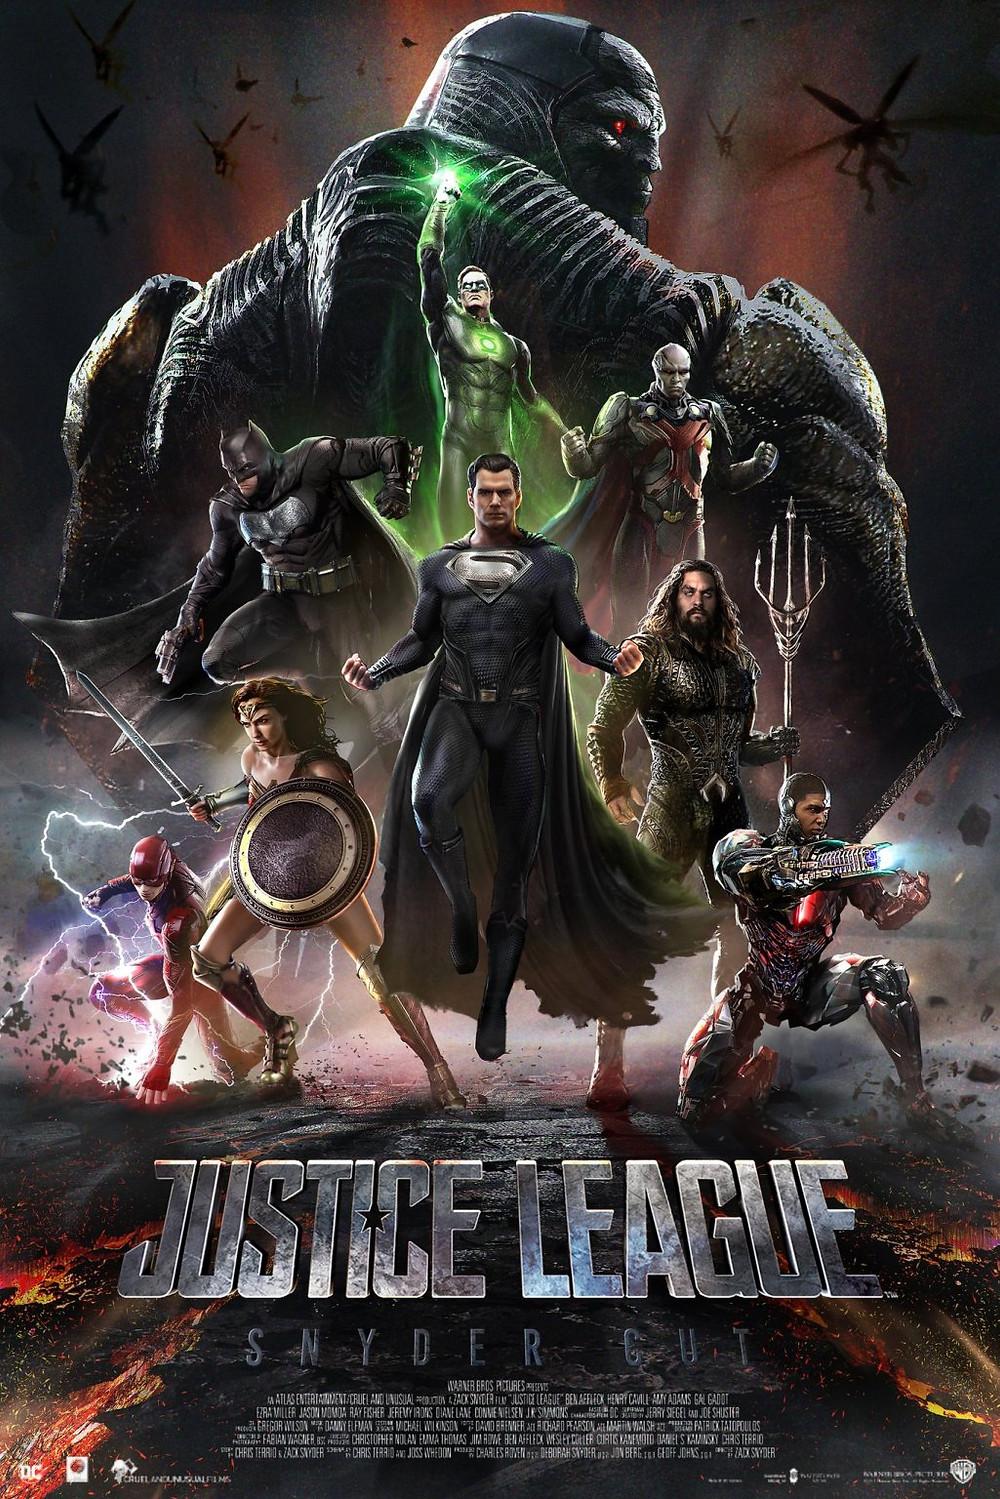 Kevin Smith esclarece o que sabe sobre o corte de Snyder da Liga da Justiça: Darkseid, lanternas verdes e muito mais (Imagem: Bosslogic / Instagram)